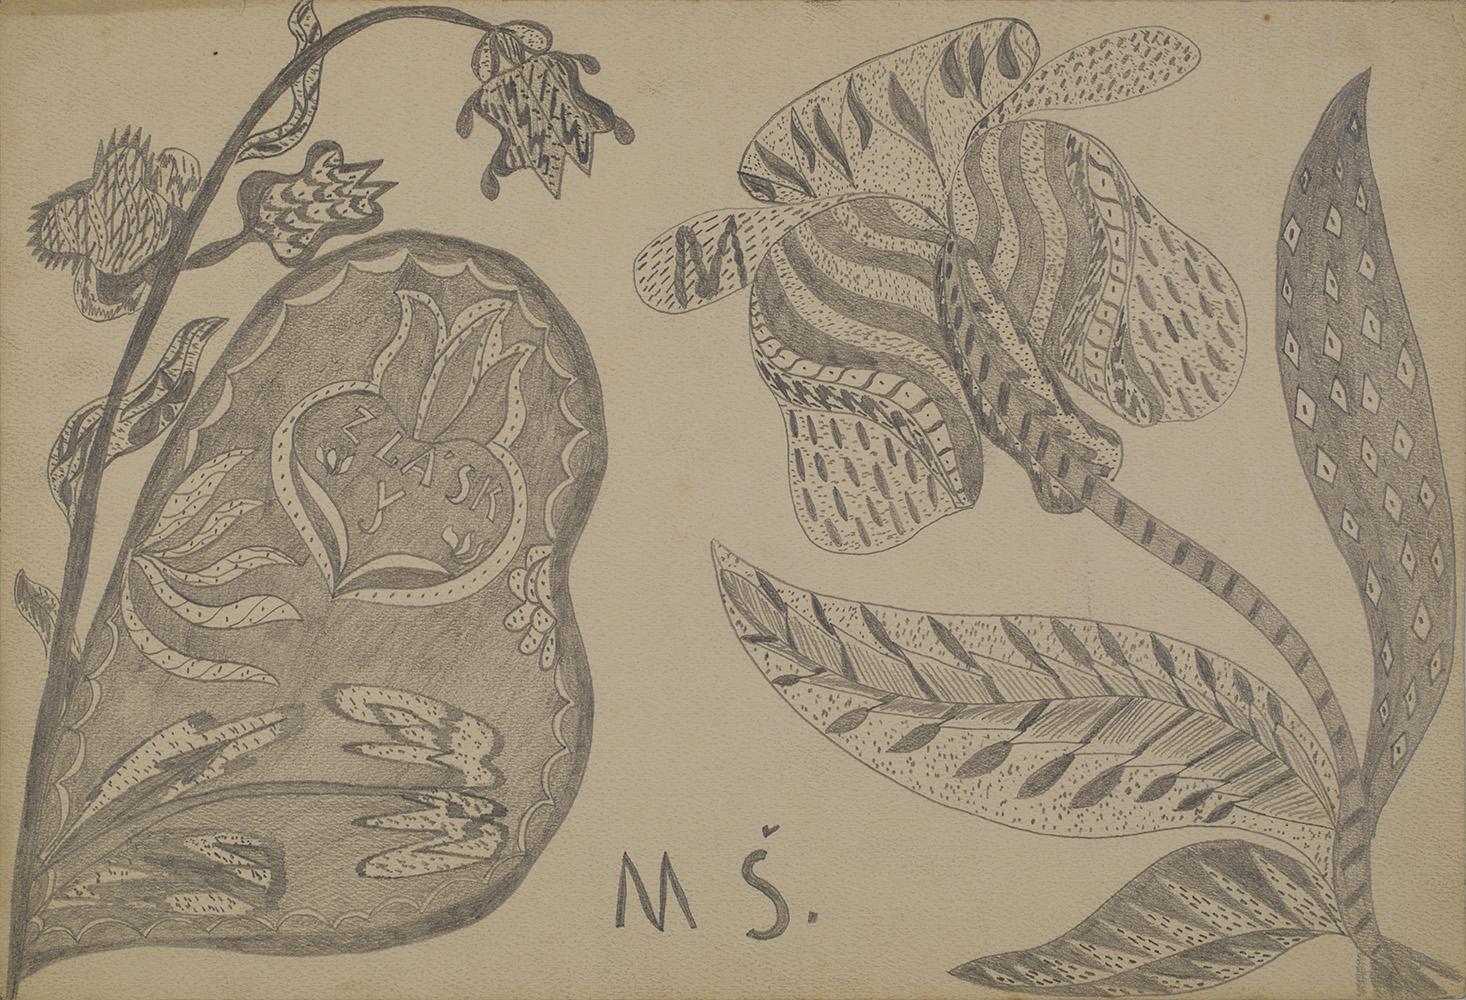 Josefa Štěpánková    Untitled  , 1920s Pencil on paper 11.81 x 17.32 inches 30 x 44 cm JoSt 5